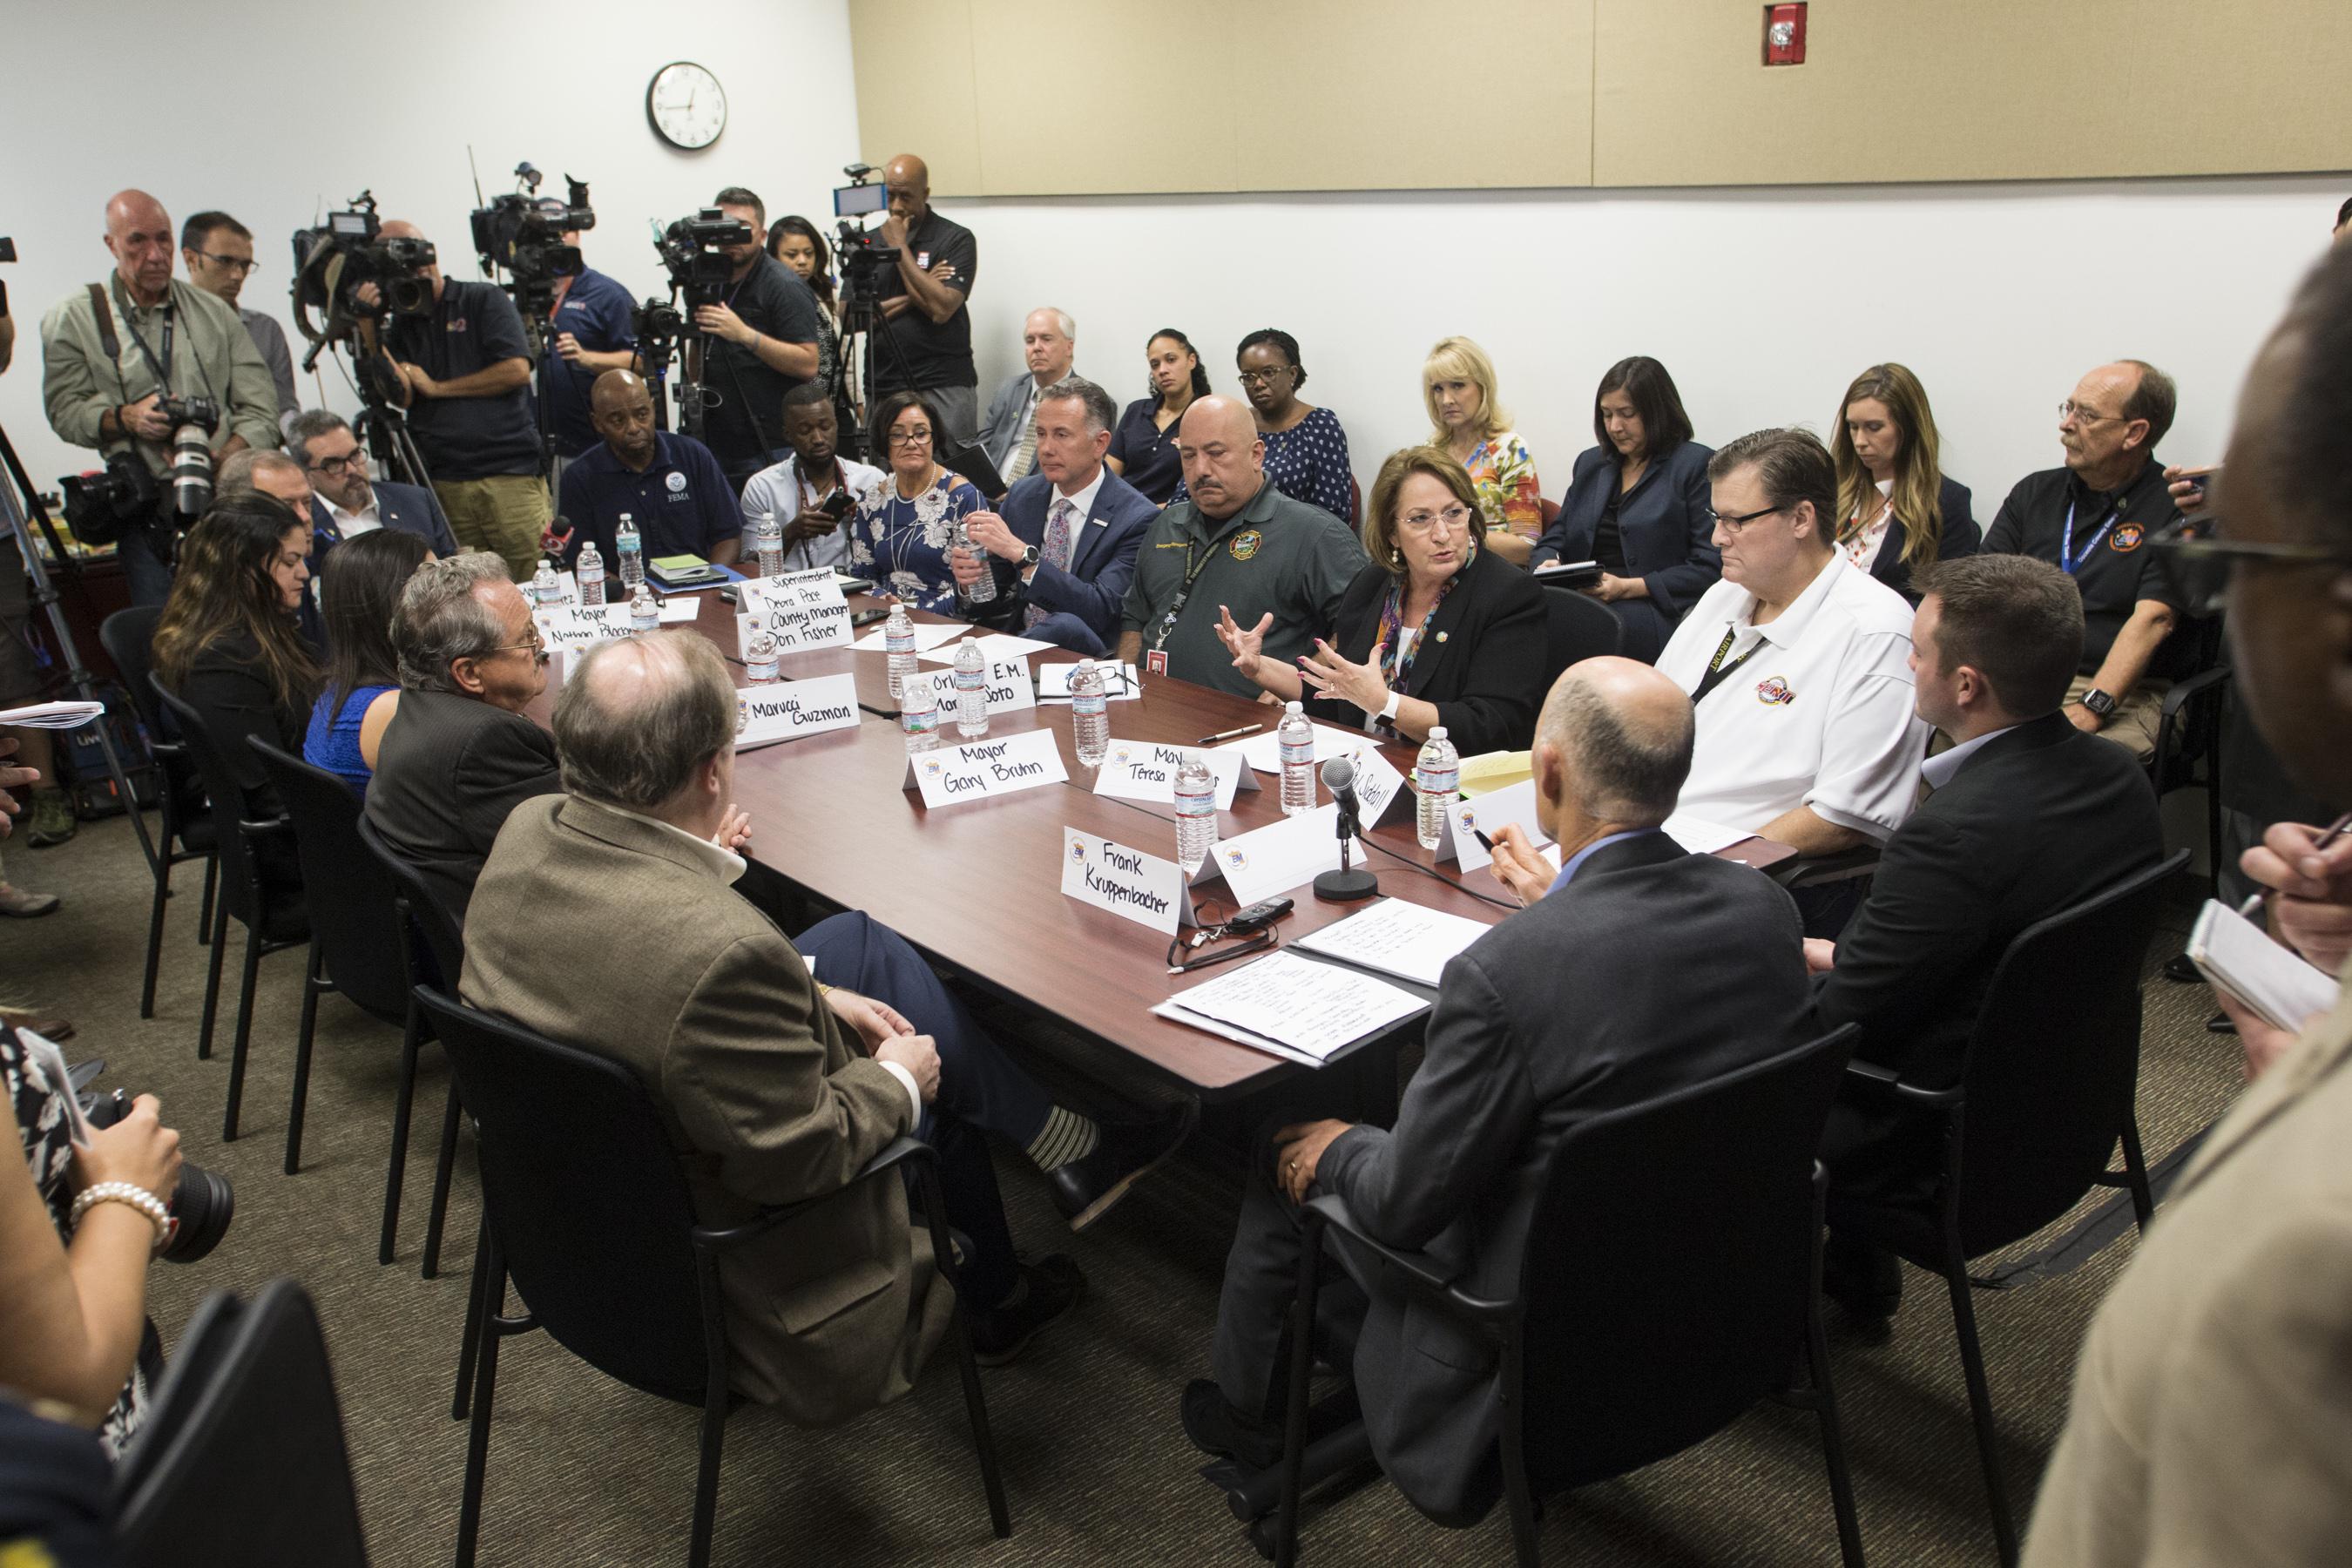 La Alcaldesa Jacobs junto al Gob. Scott en una mesa redonda sobre los Esfuerzos de Ayuda para Puerto Rico